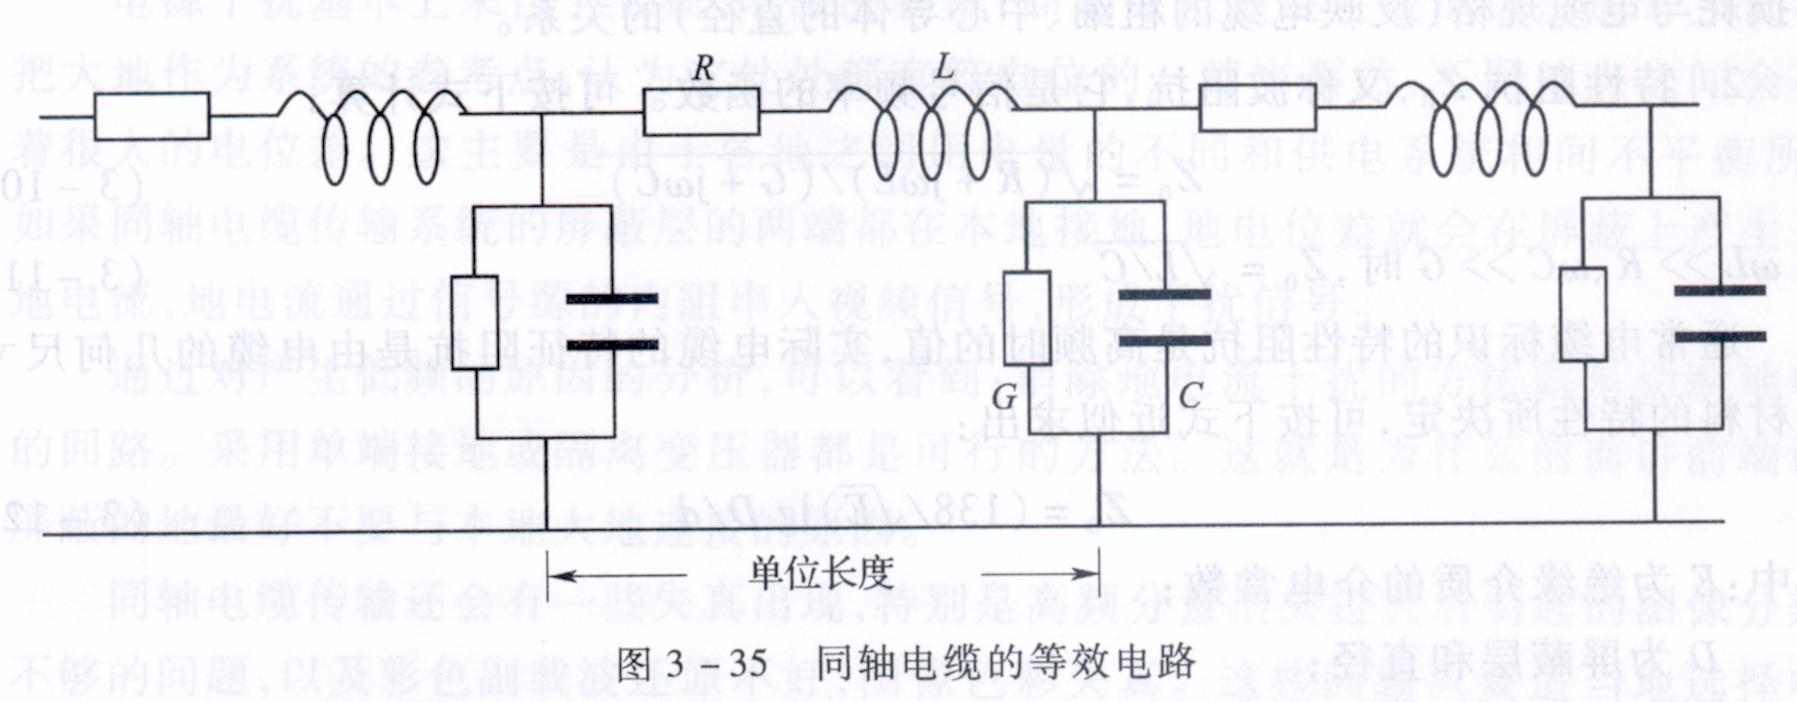 一、同轴电缆视频传输 视频电缆的图像传输在某种意义上可以看作为视频设备间的直接连接。它不需要或只需要很少的附加设备,在一定范围内可获得较好和稳定的图像质量,接续和维护方便,是目前大多数视频监控系统所采用的图像信号传输方式,它所利用的传输介质是同轴电缆。专门用于图像传输的同轴电缆又称视频电缆。 (一)同轴电缆的结构与等效电路 1.同轴电缆的结构如图3-34所示。  同轴电缆由4个部分组成,它们的基本结构和功能分别是: (1)中心导体,是电信号传输的基本信道,由一根圆柱型铜导体或多根铜导线绞合而成。 (2)屏